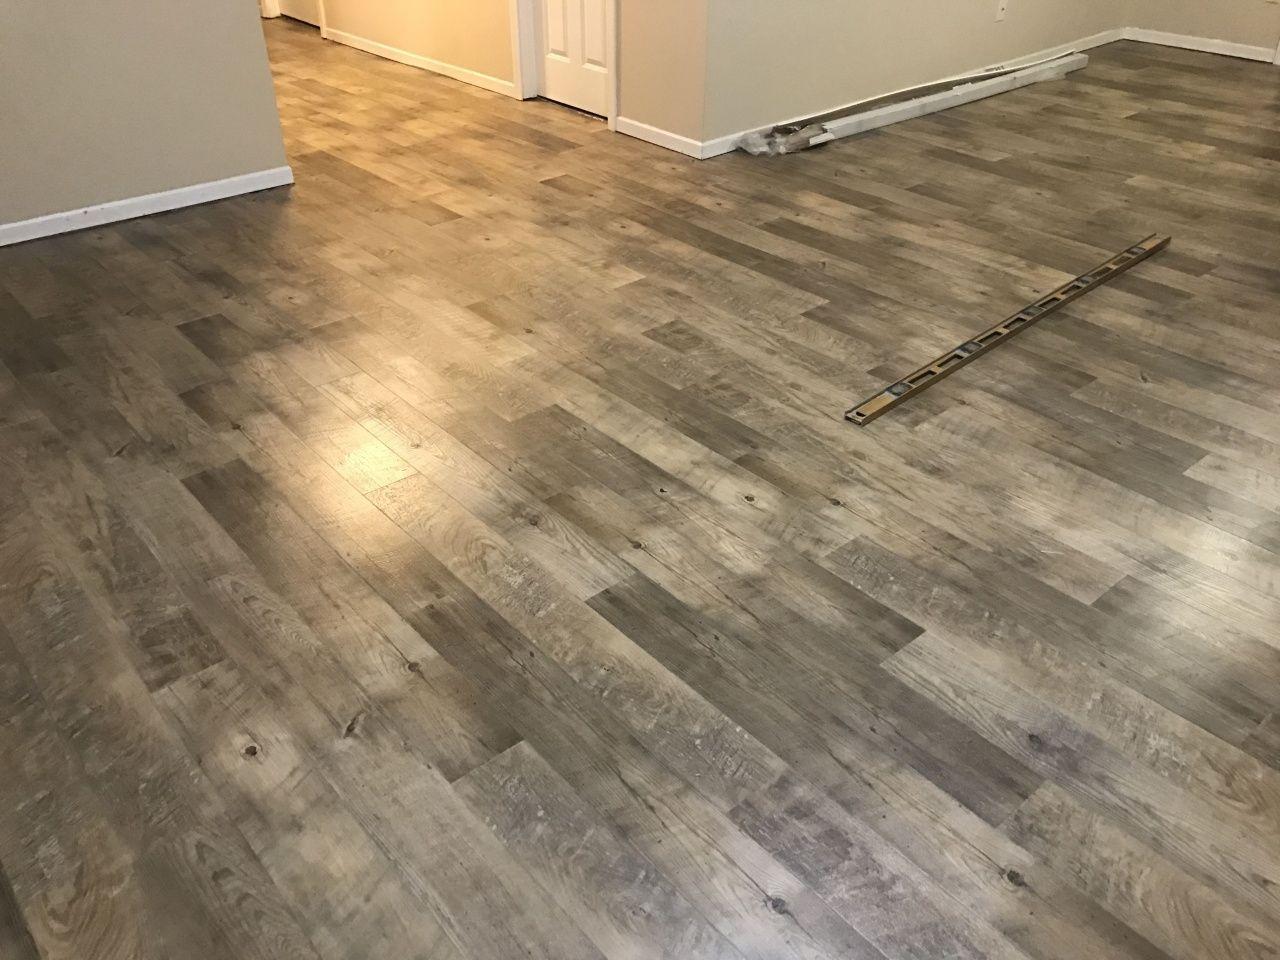 Installation Cost To Install Vinyl Plank Flooring In 2020 Installing Vinyl Plank Flooring Luxury Vinyl Plank Vinyl Plank Flooring